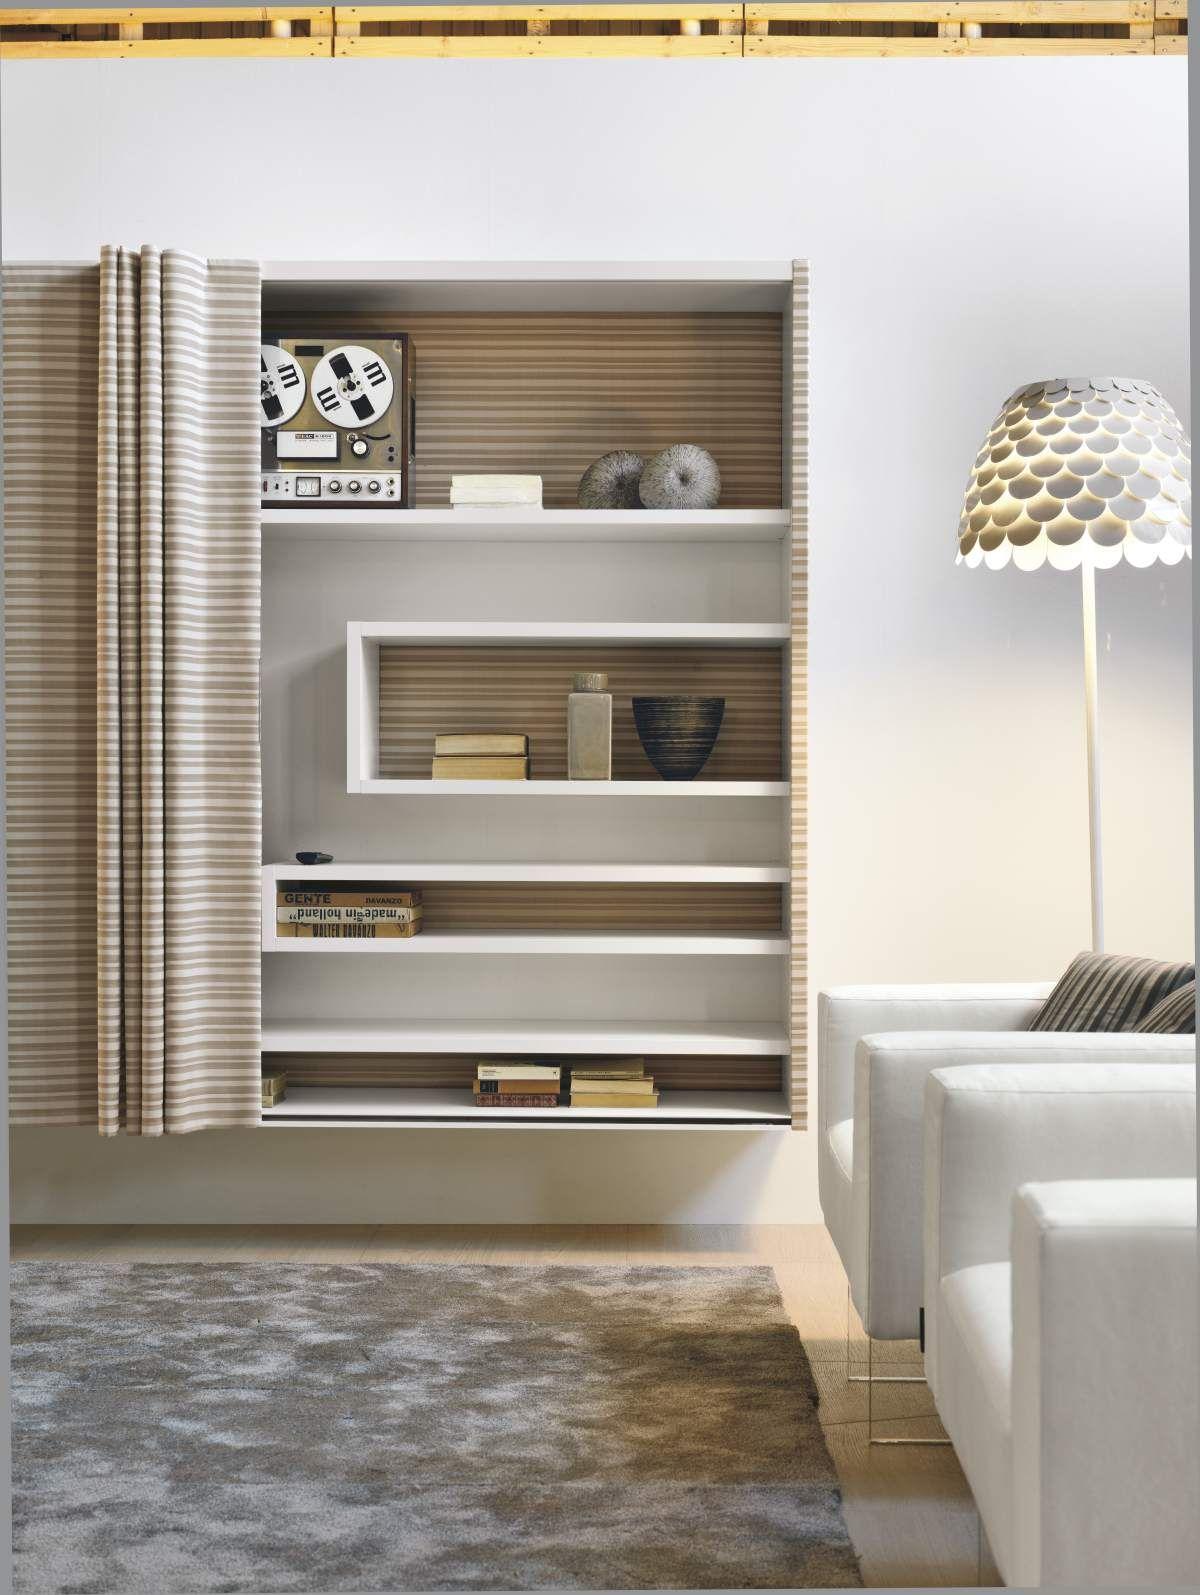 Open et voil by daniele lago lago living room for Mobili italiani design